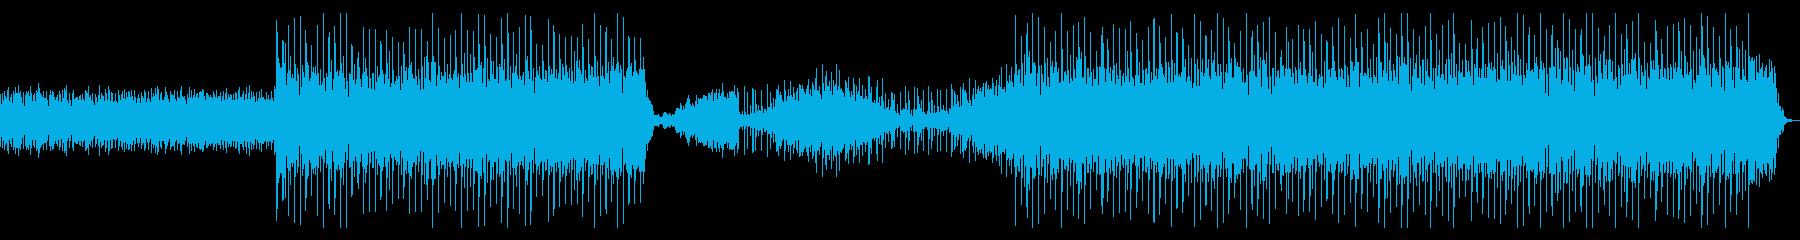 滑らかで活気のあるレトロな電子シン...の再生済みの波形